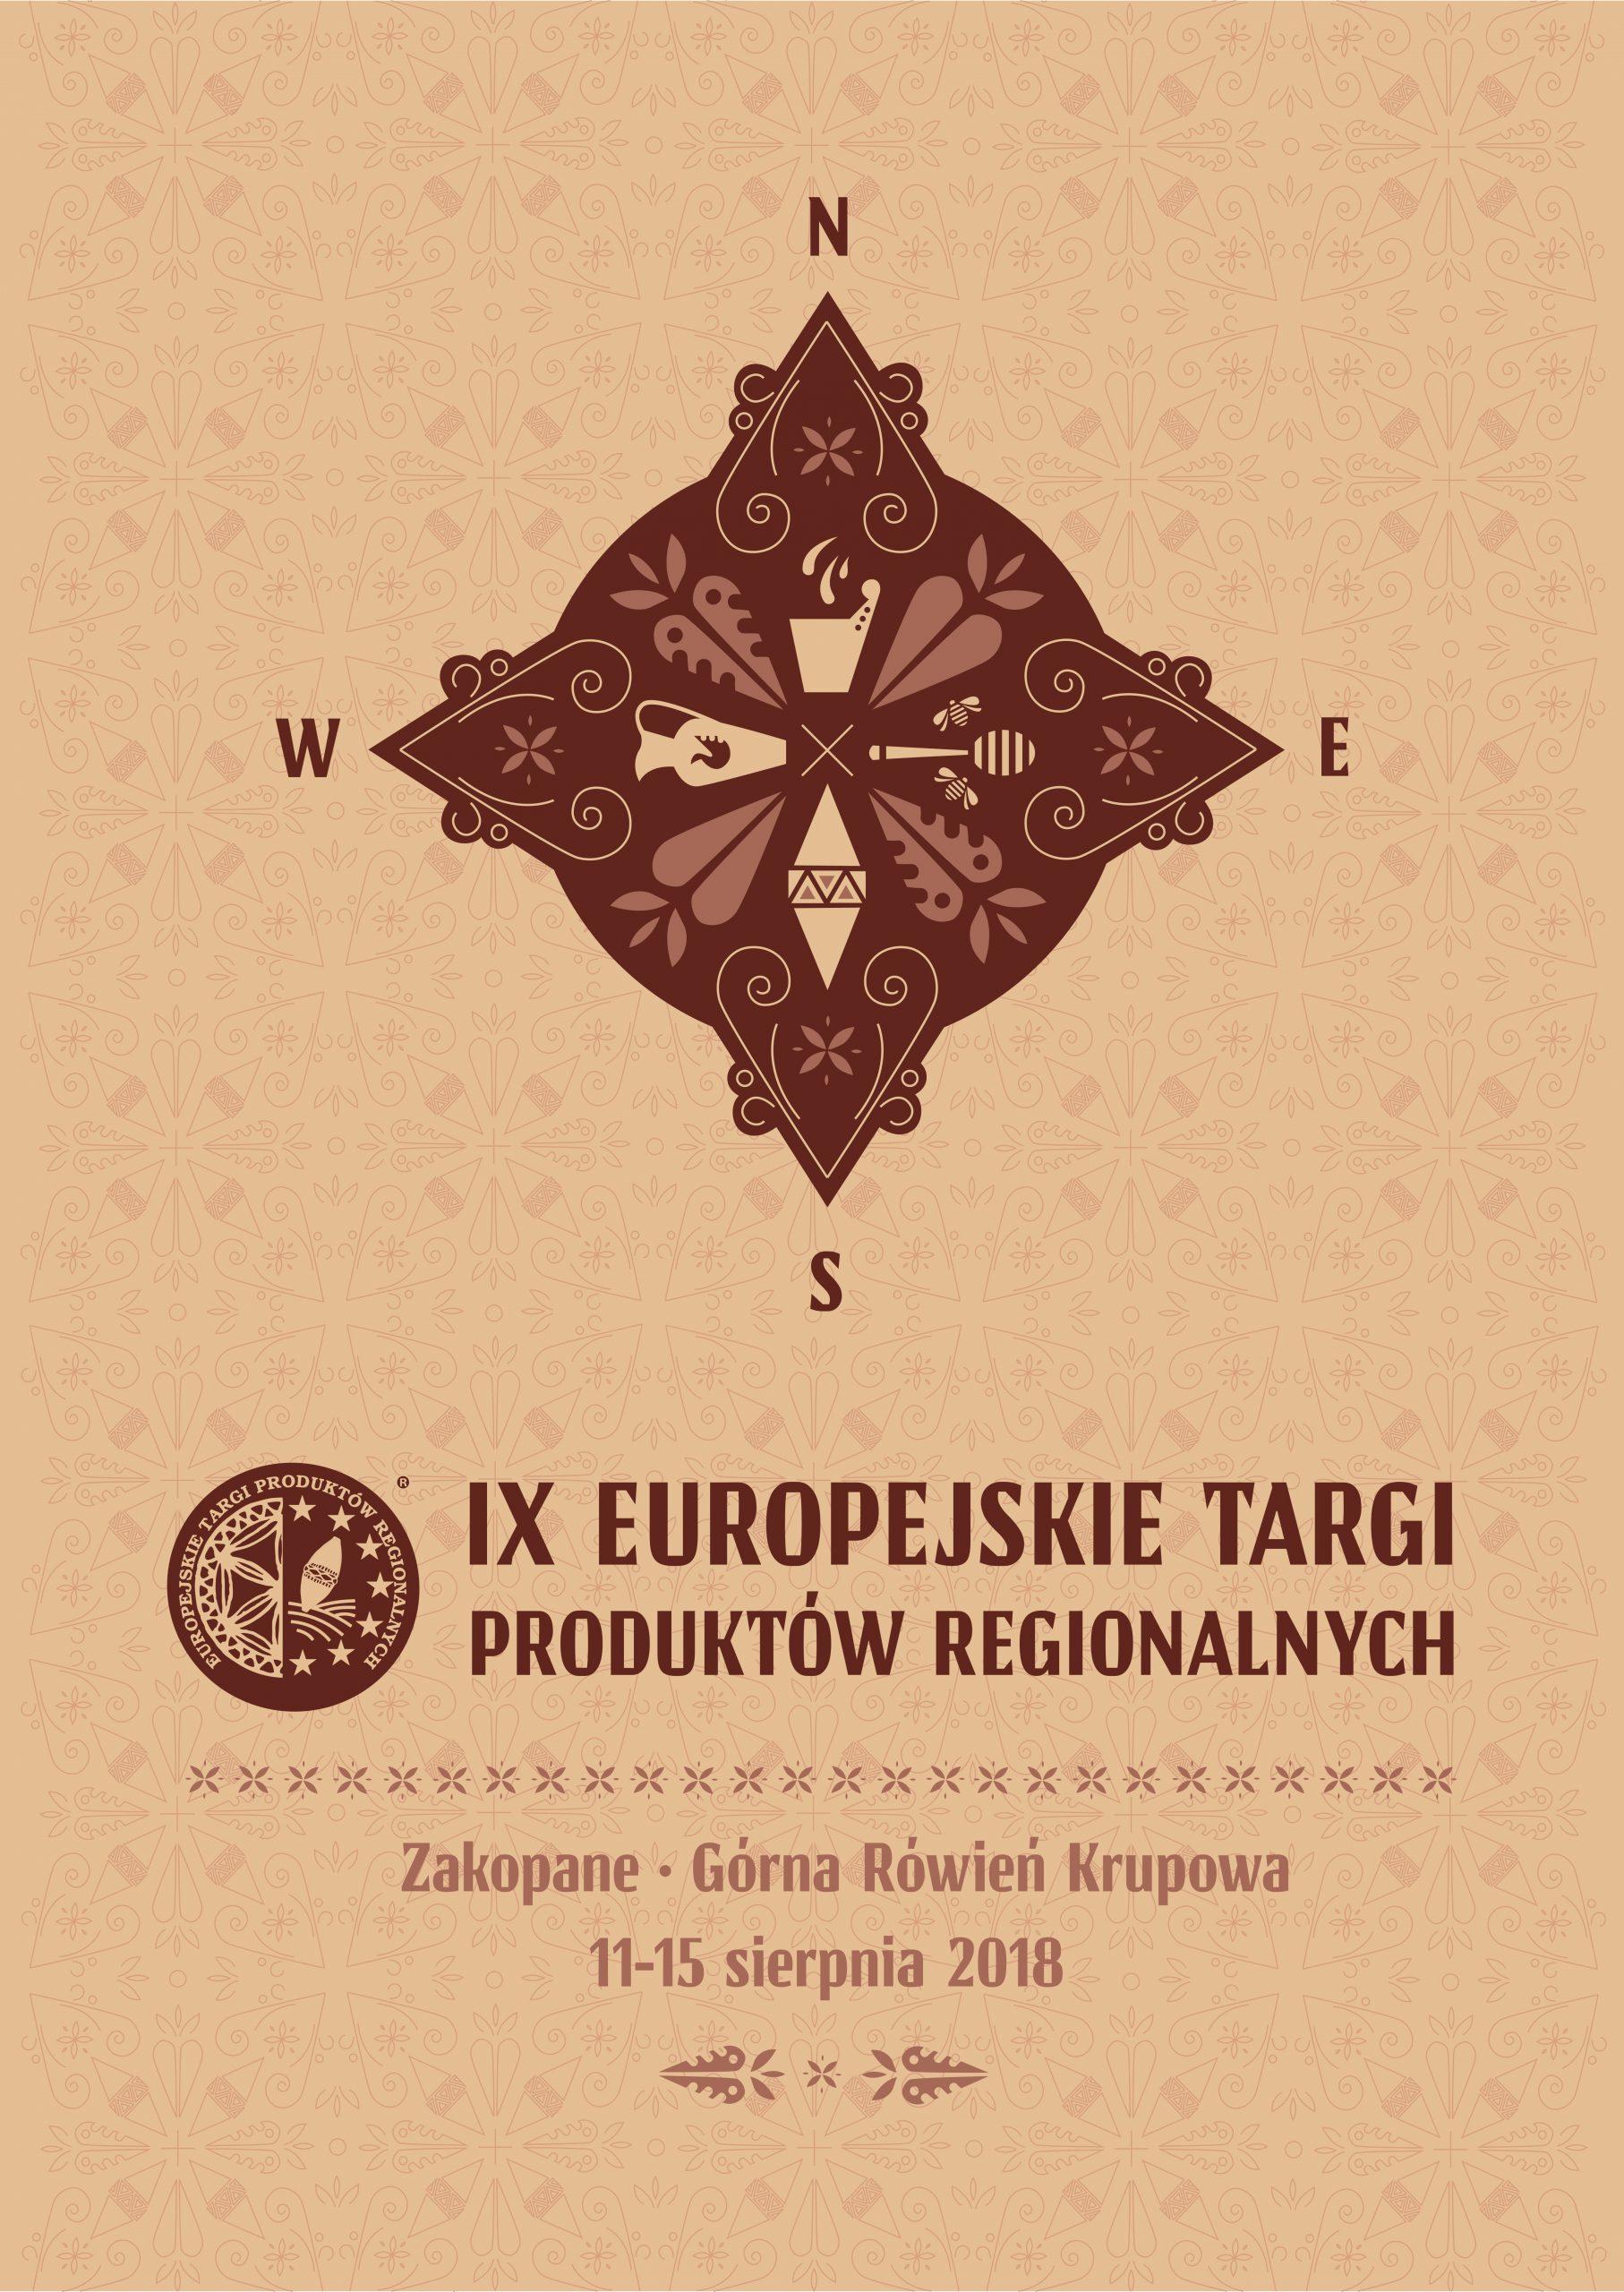 IX Europejskie Targi Produktów Regionalnych